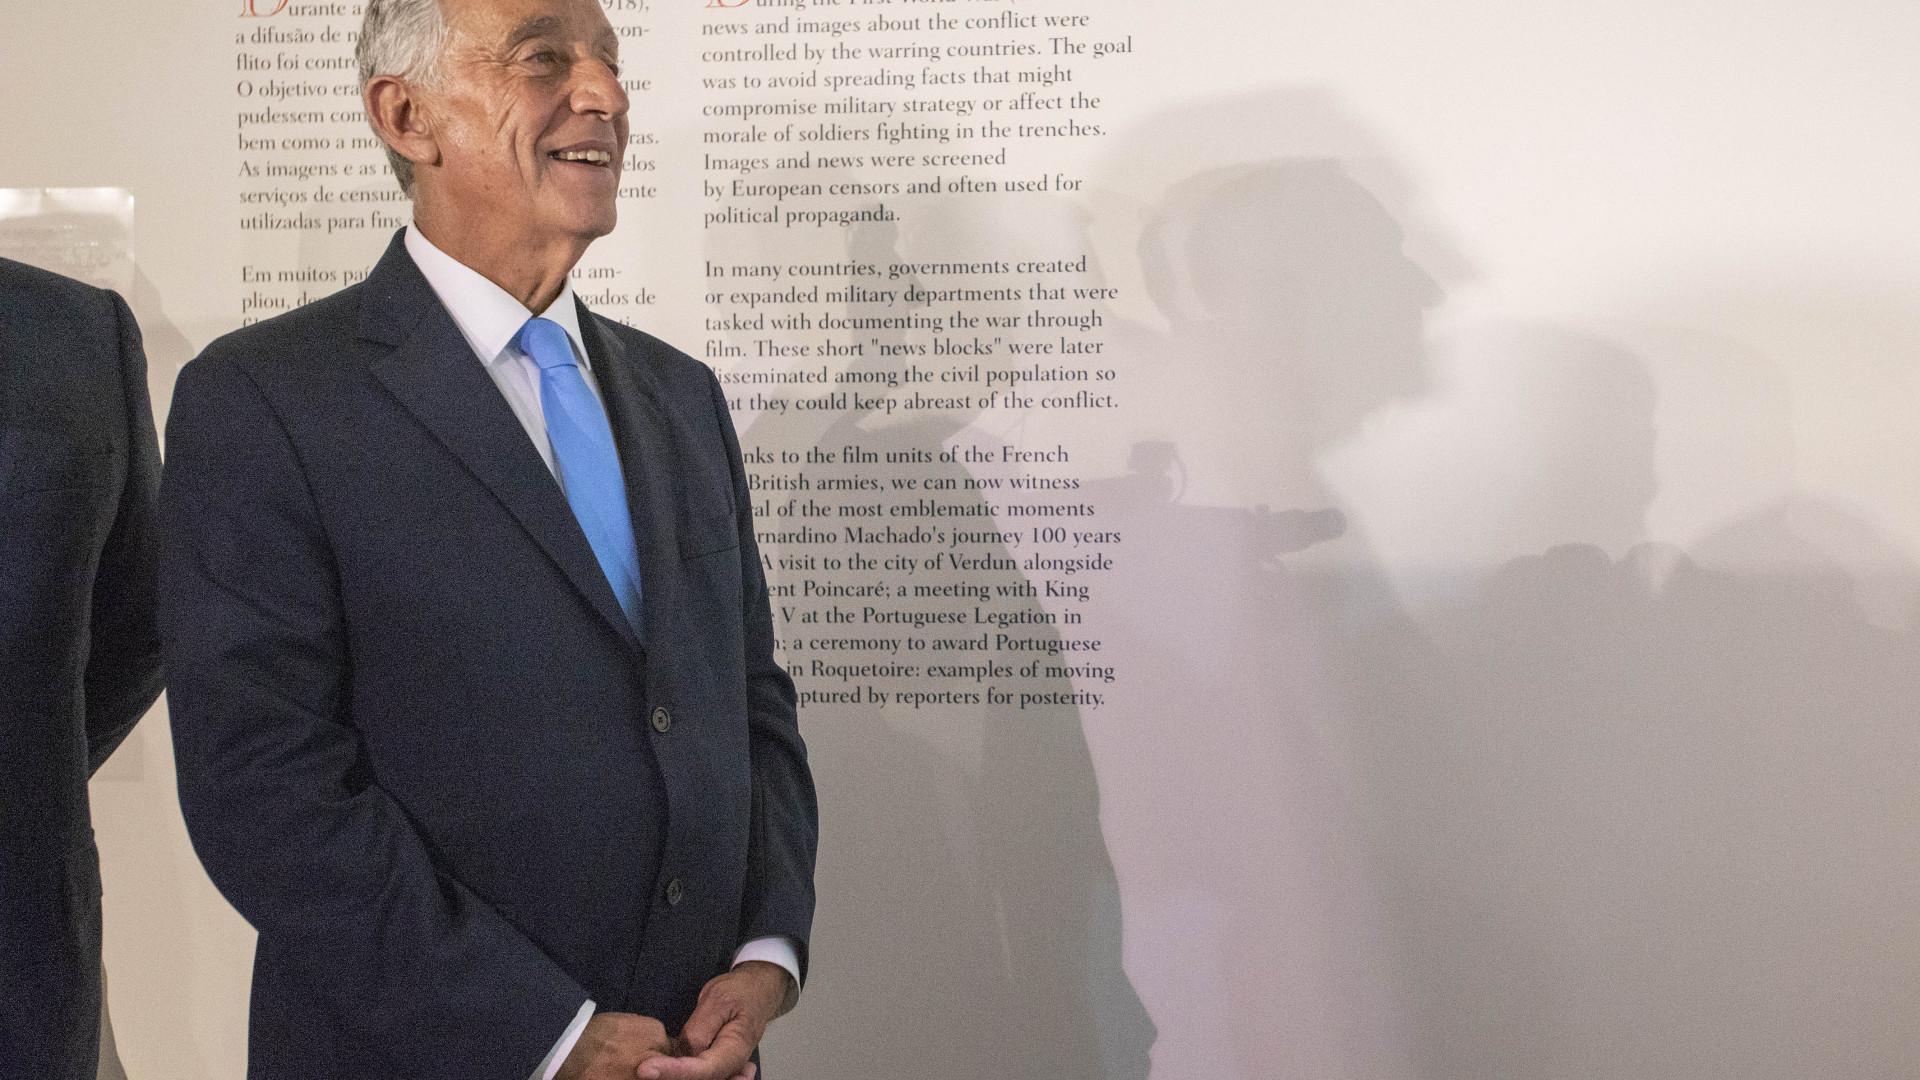 Marcelo não se encontrou com Obama por incompatibilidade de agendas